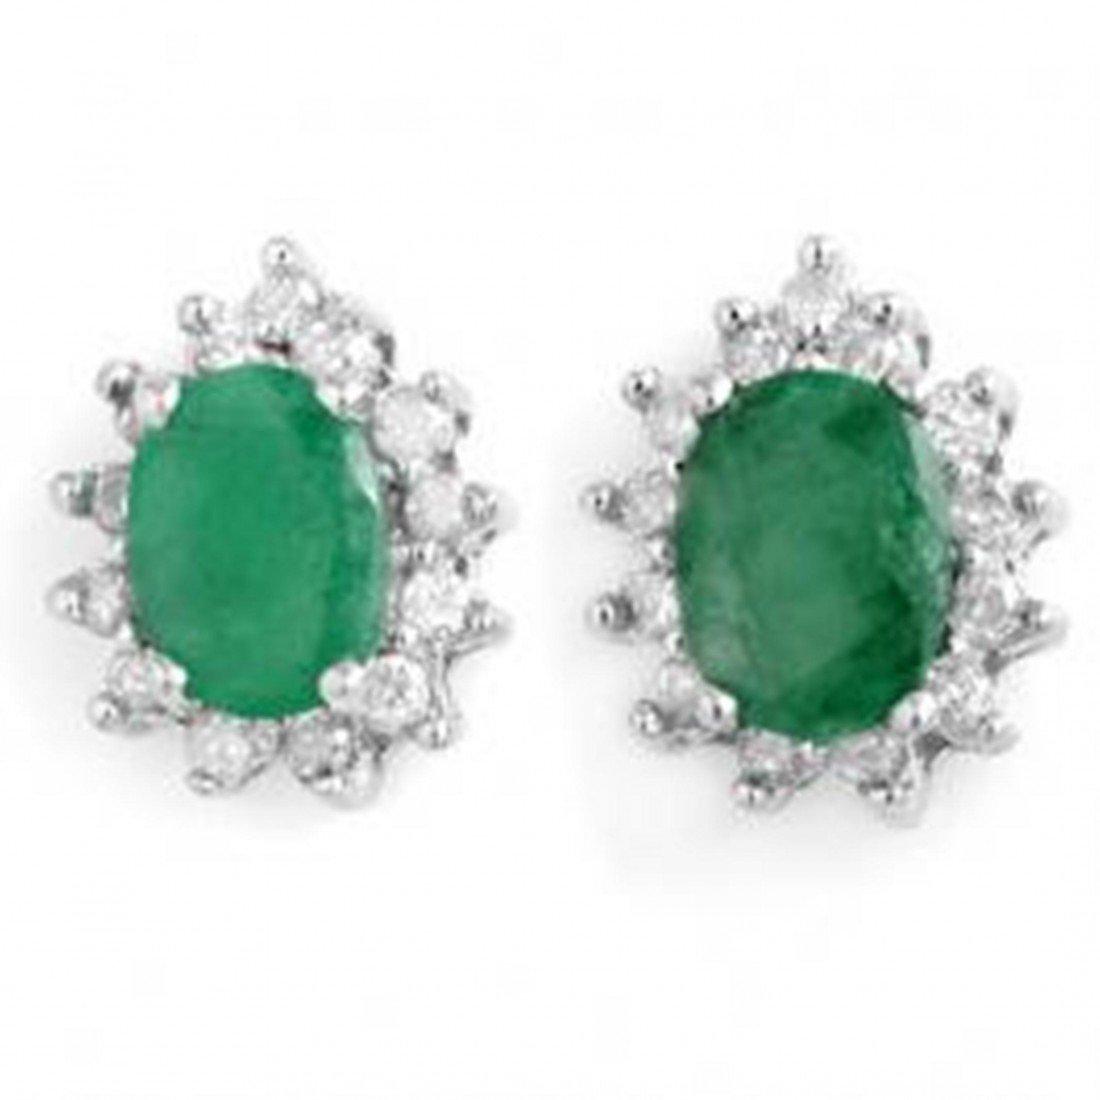 4D: 3.85 ctw Emerald & Diamond Earrings